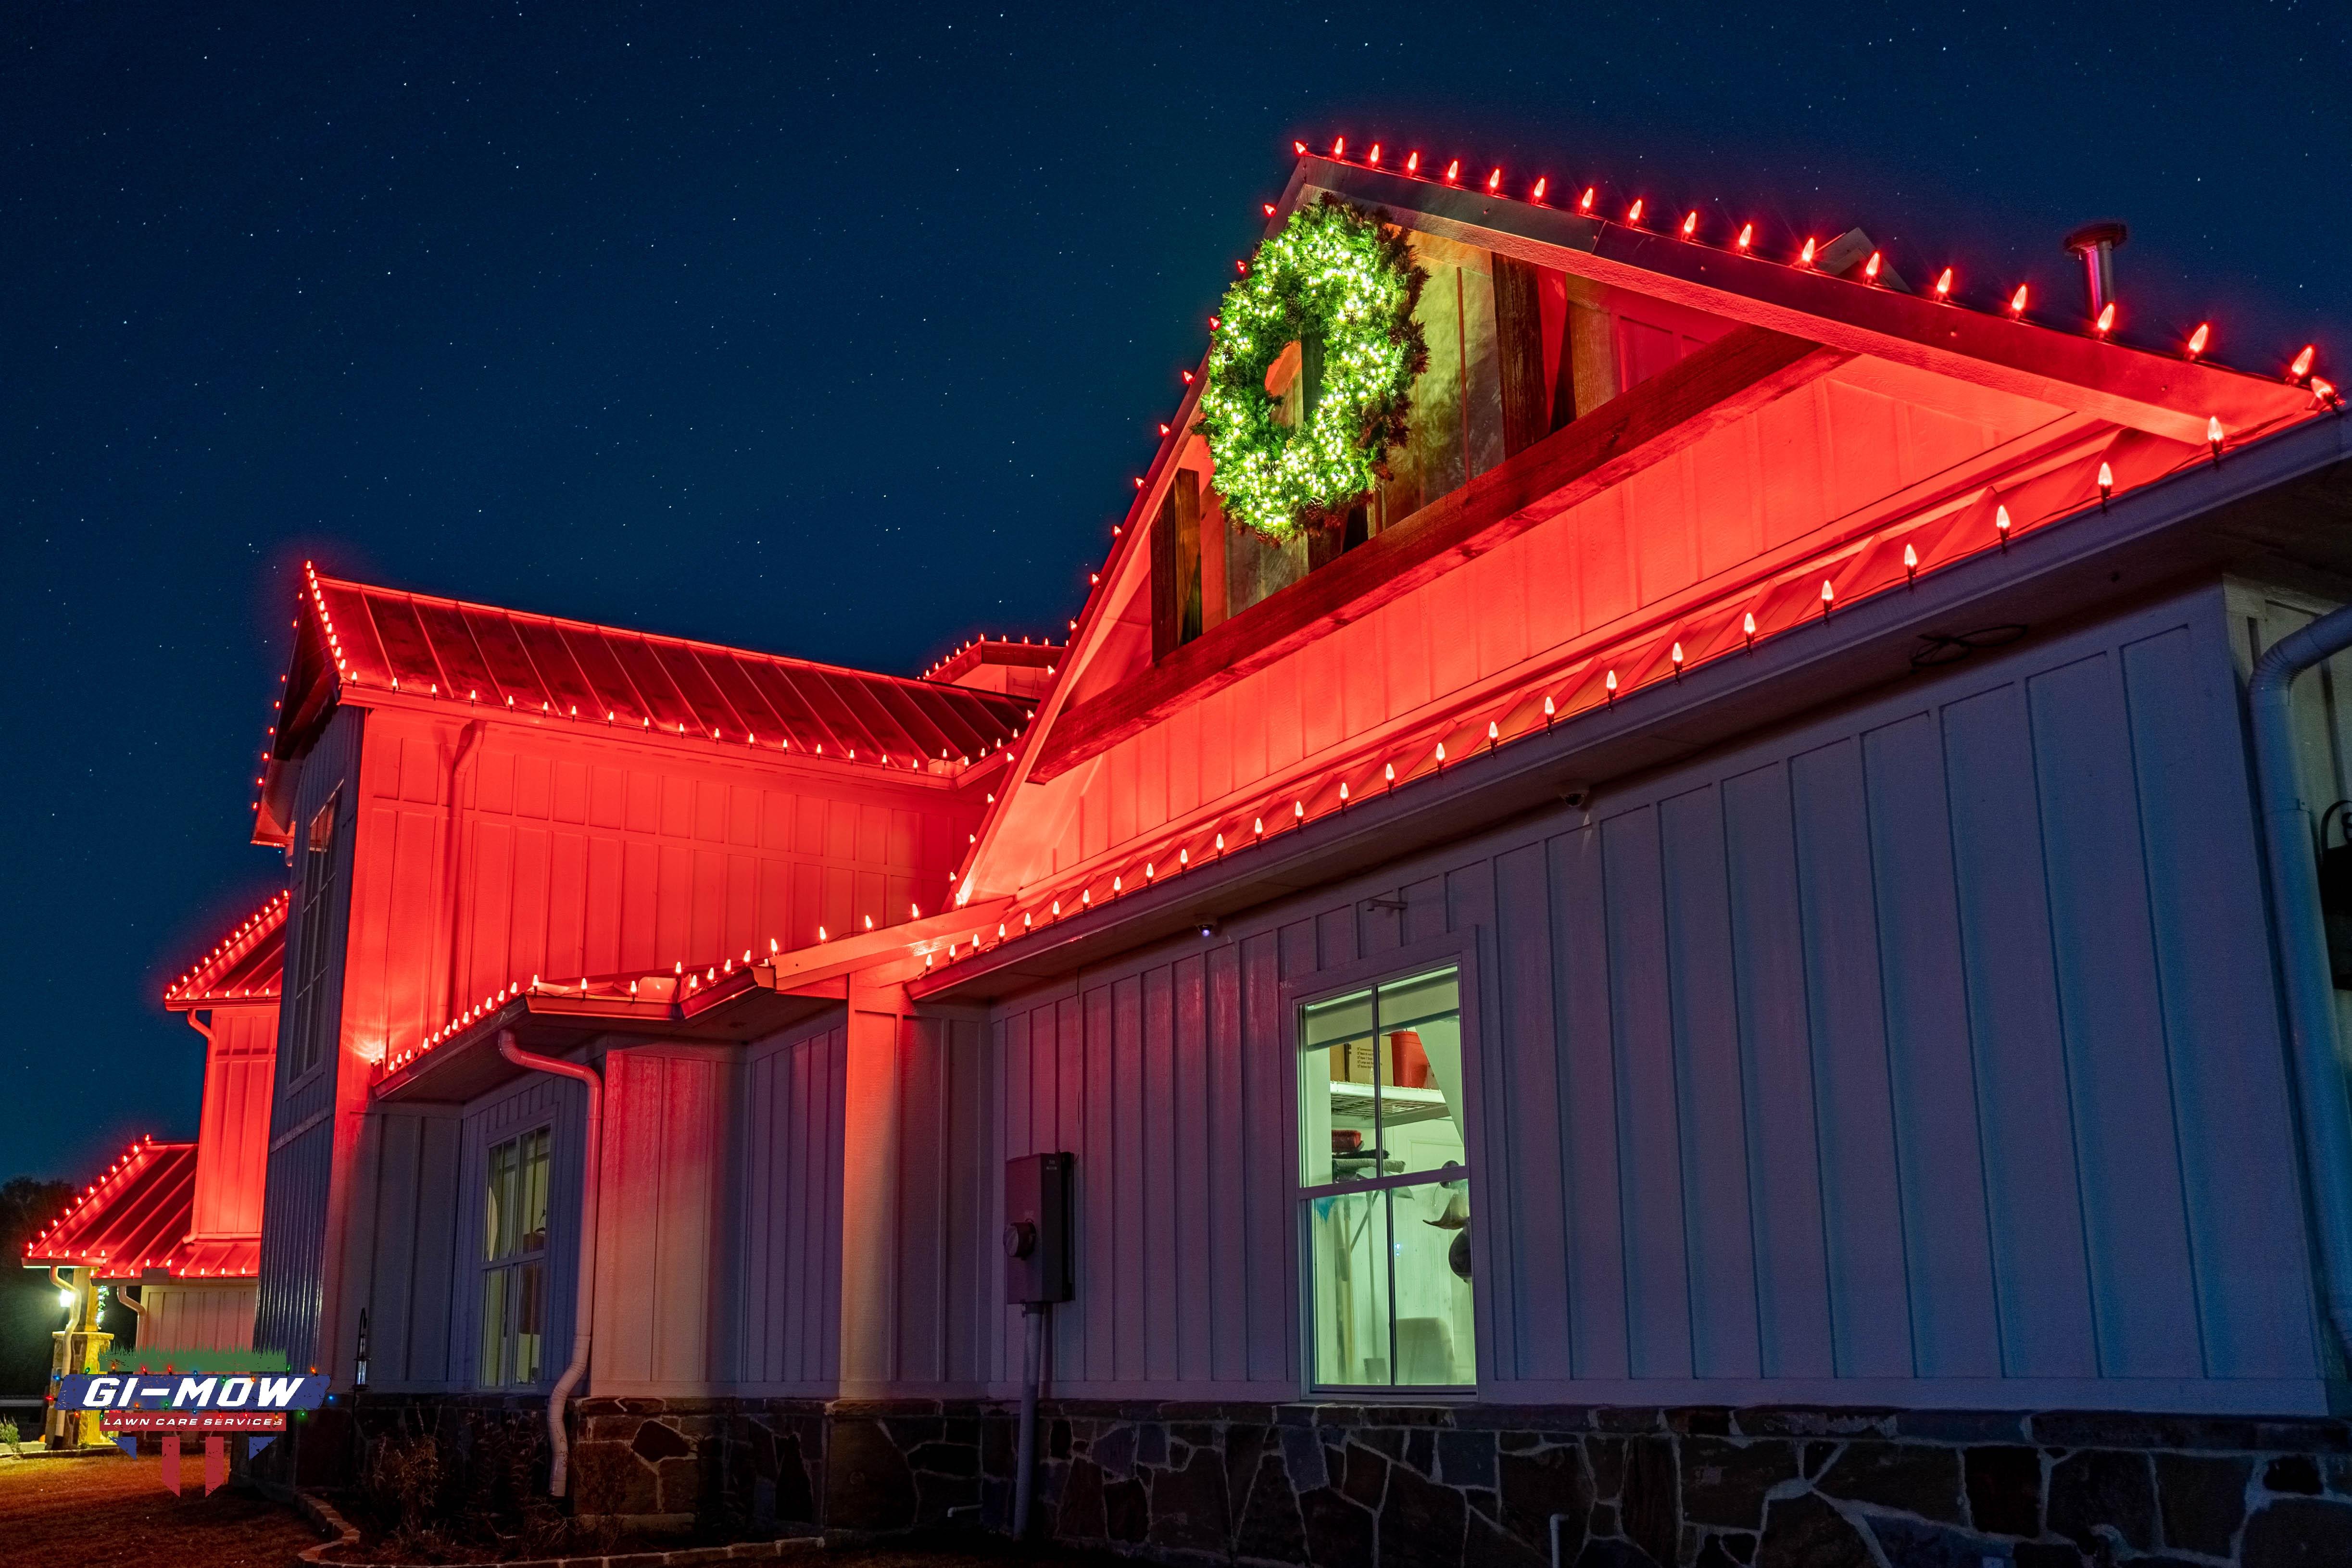 GI-Mow | Christmas Light Installation